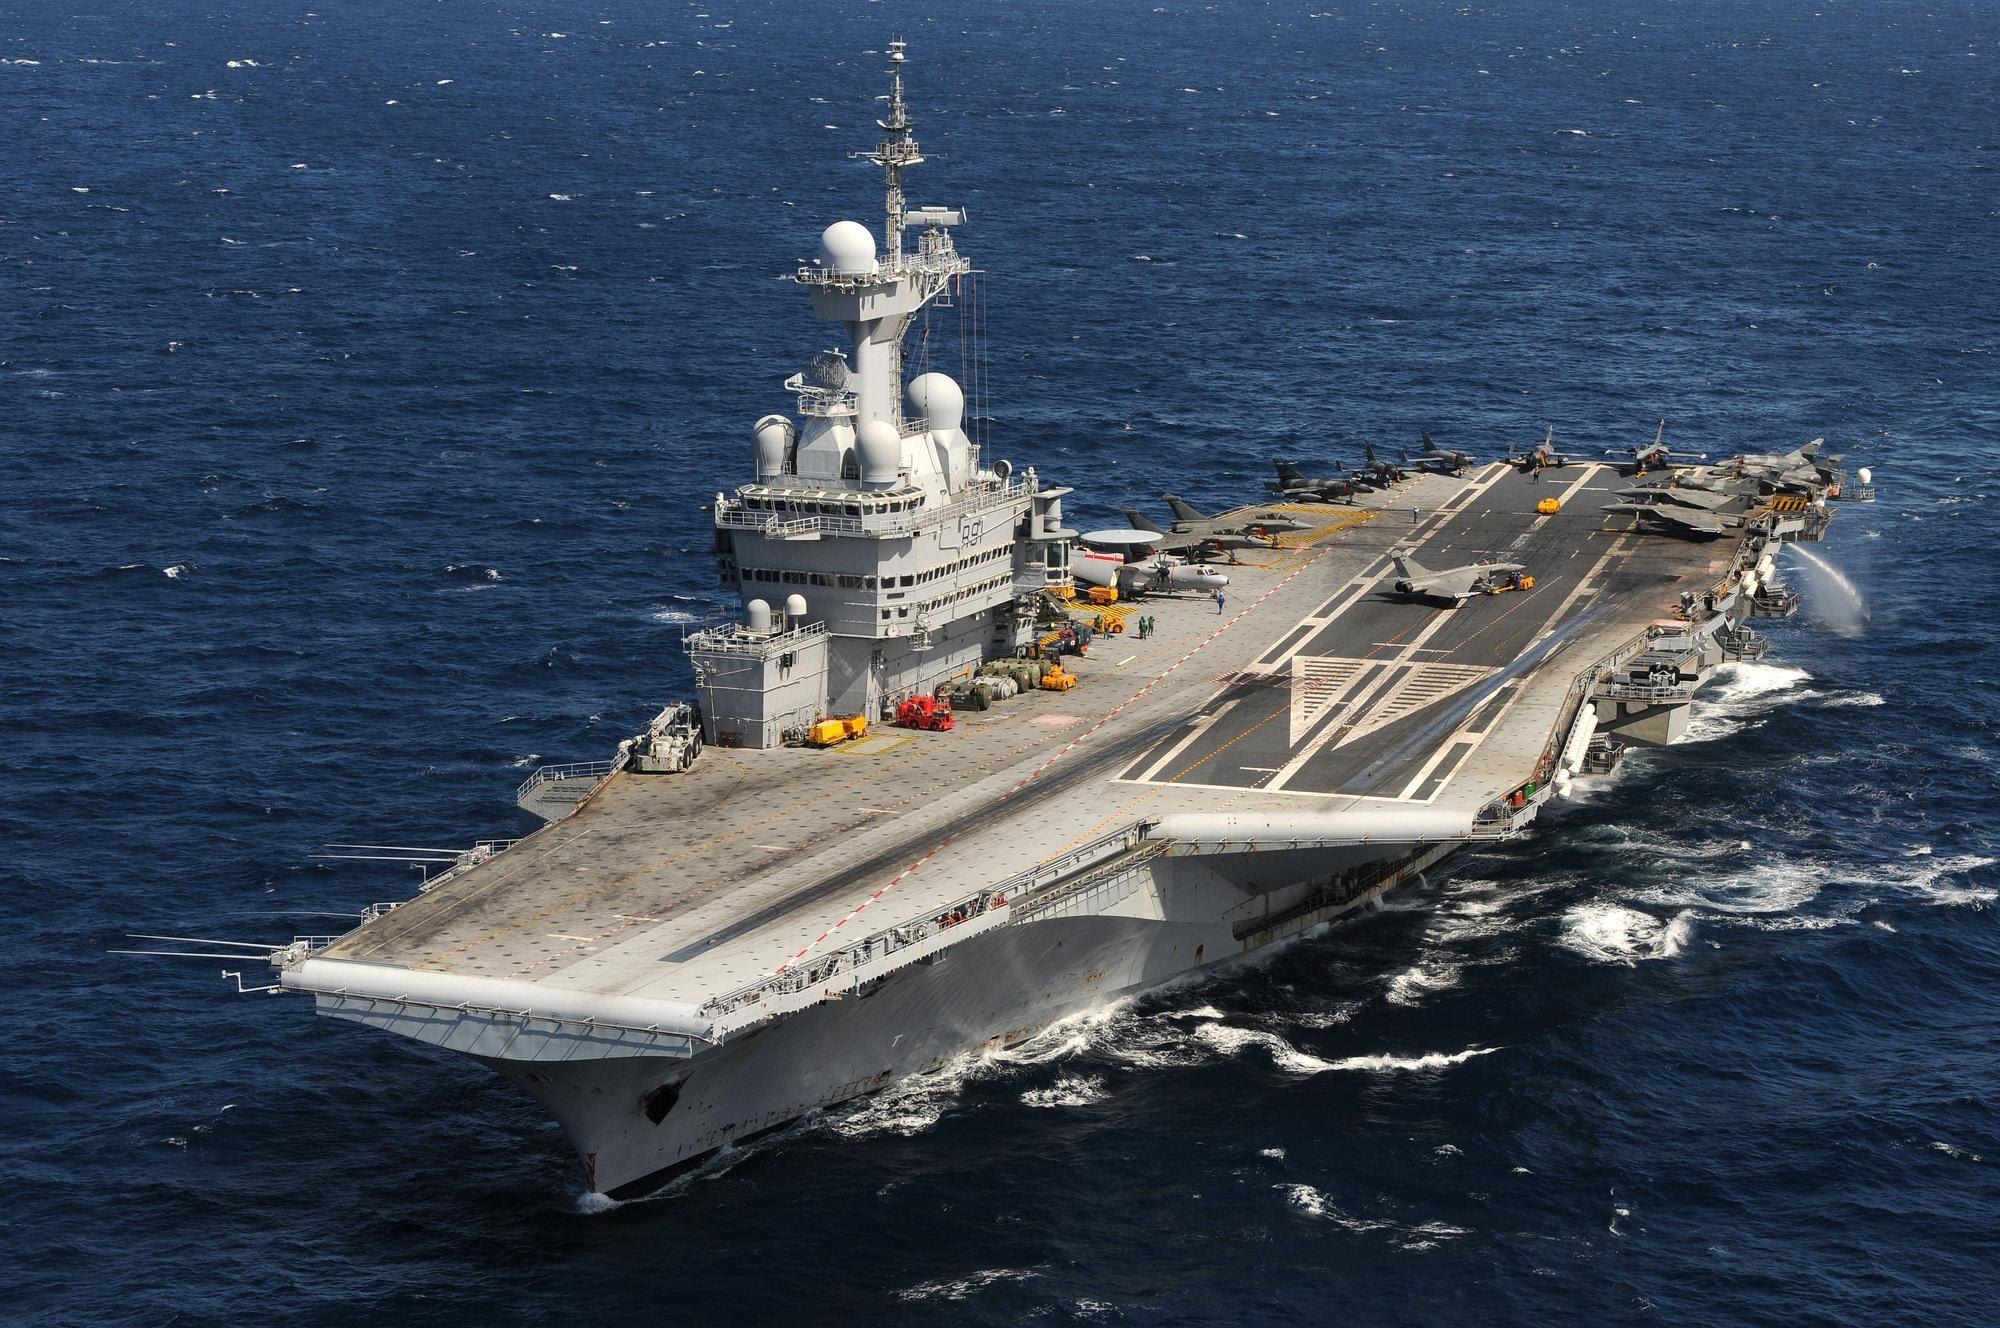 Tàu sân bay hạt nhân Charles de Gaulle đóng từ những năm 1990 đến 2001 mới hoàn tất, trị giá 3,5 tỉ USD. Tàu dài 261,5 m, lượng choán nước 38.000 tấn, tốc độ 50 km/giờ, đường băng trên tàu dài 195 m.